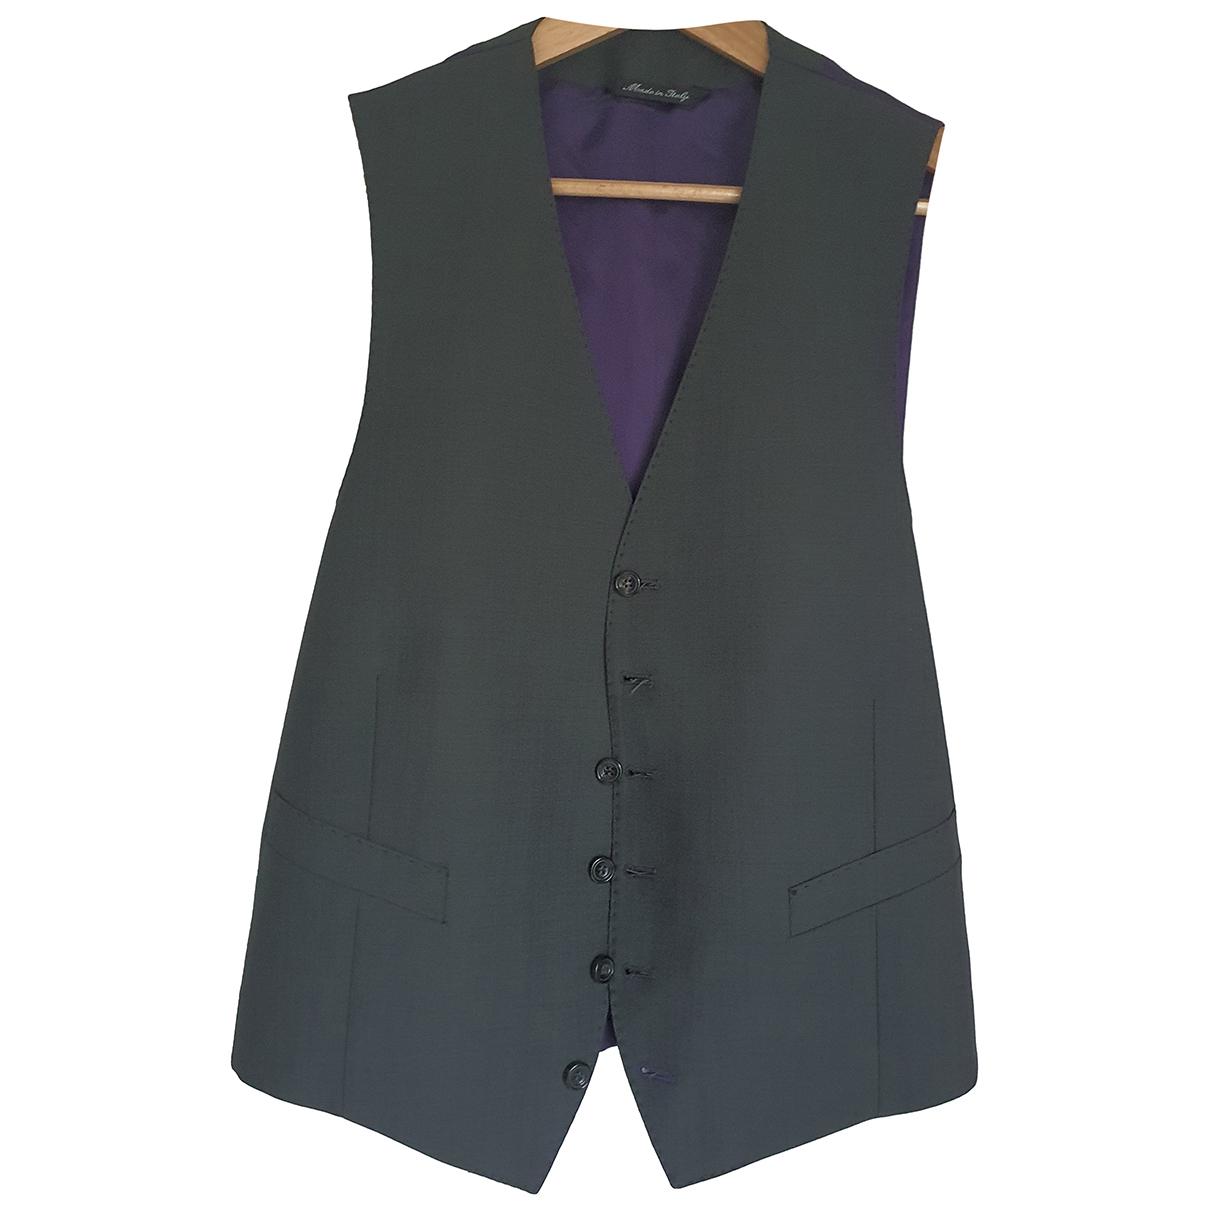 Paul Smith N Grey Wool Knitwear & Sweatshirts for Men 38 UK - US